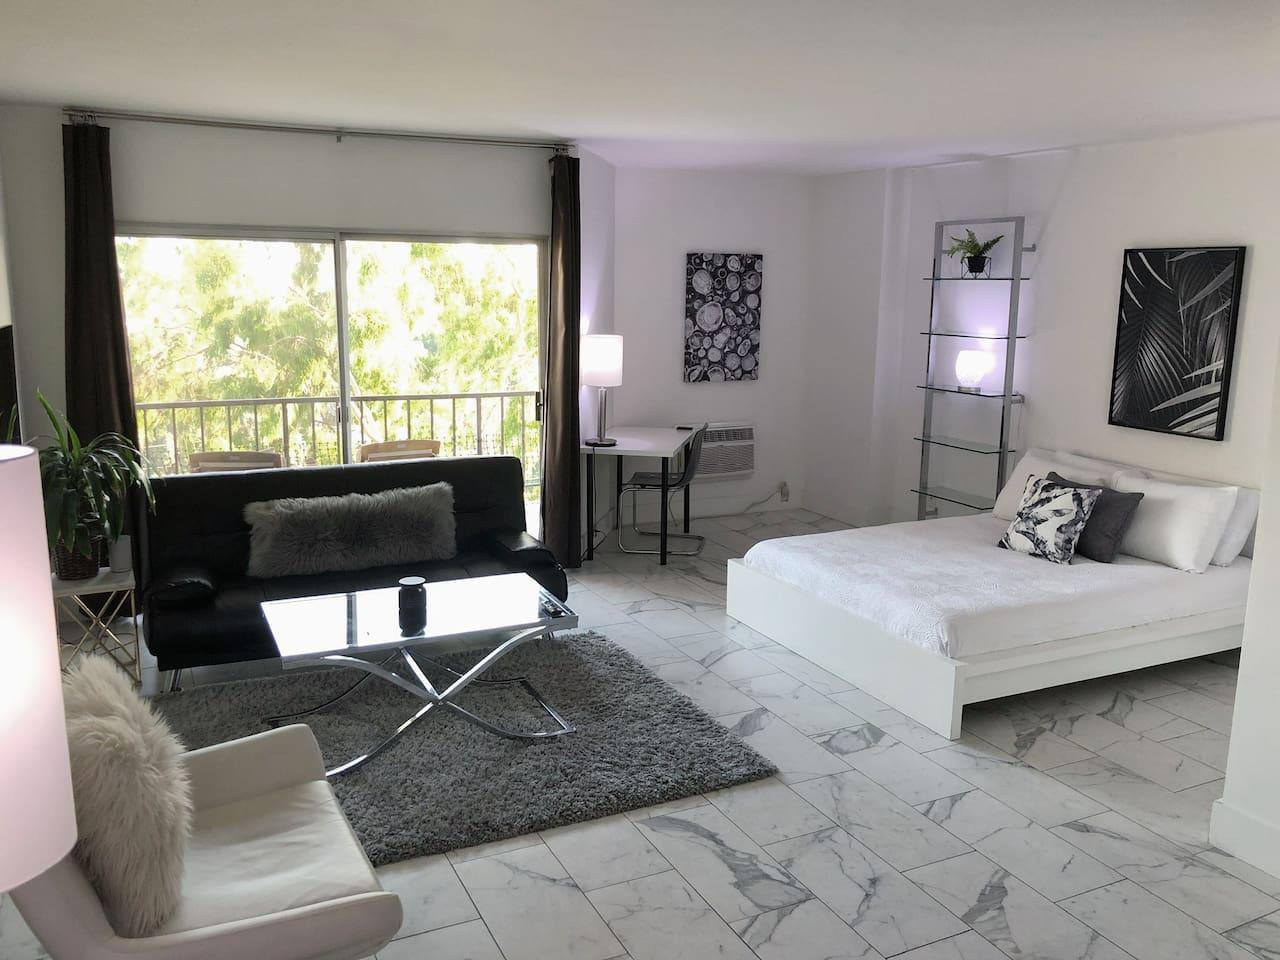 Stylish Studio Suite open floor plan